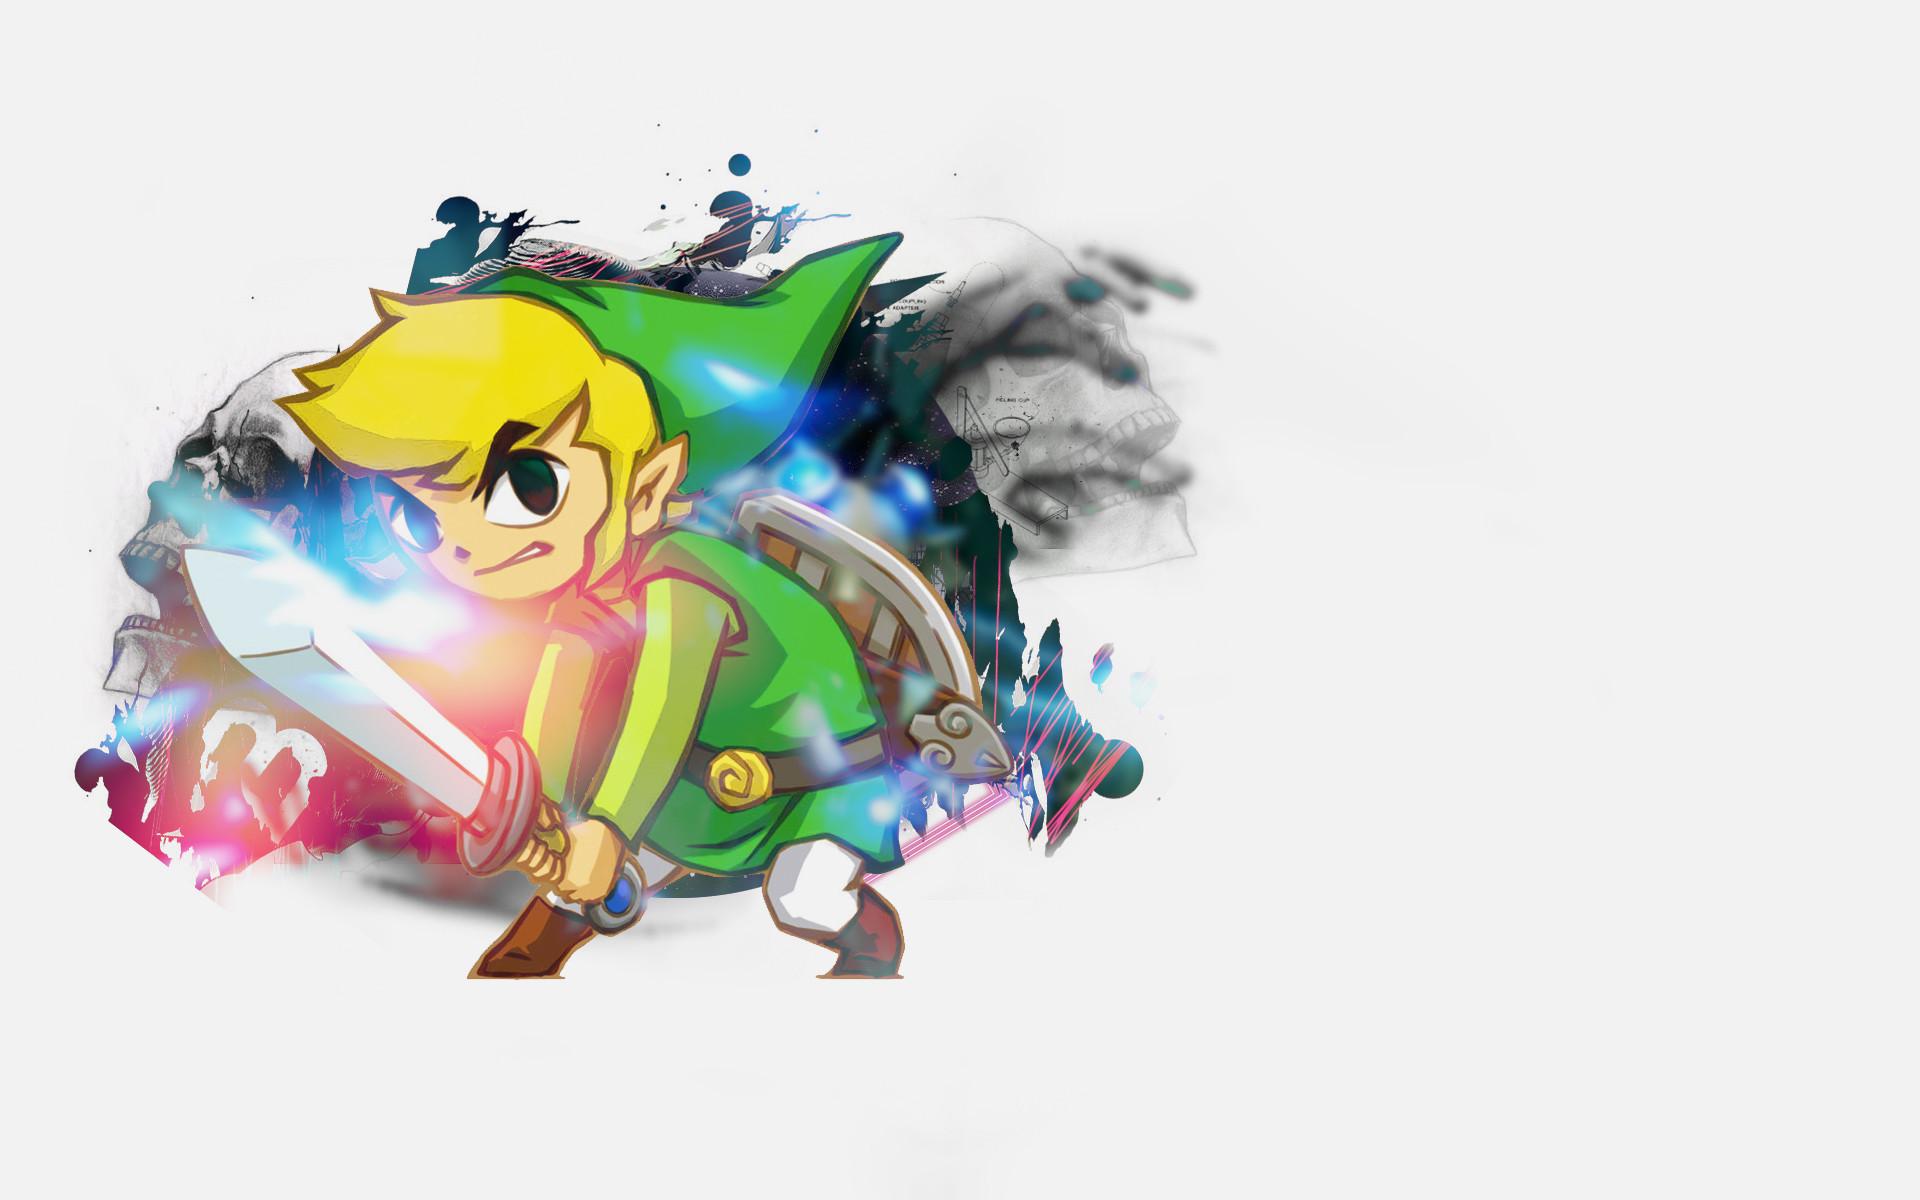 Of Zelda Nintendo Studio Game Toon Link Character 604890 1920×1200 .